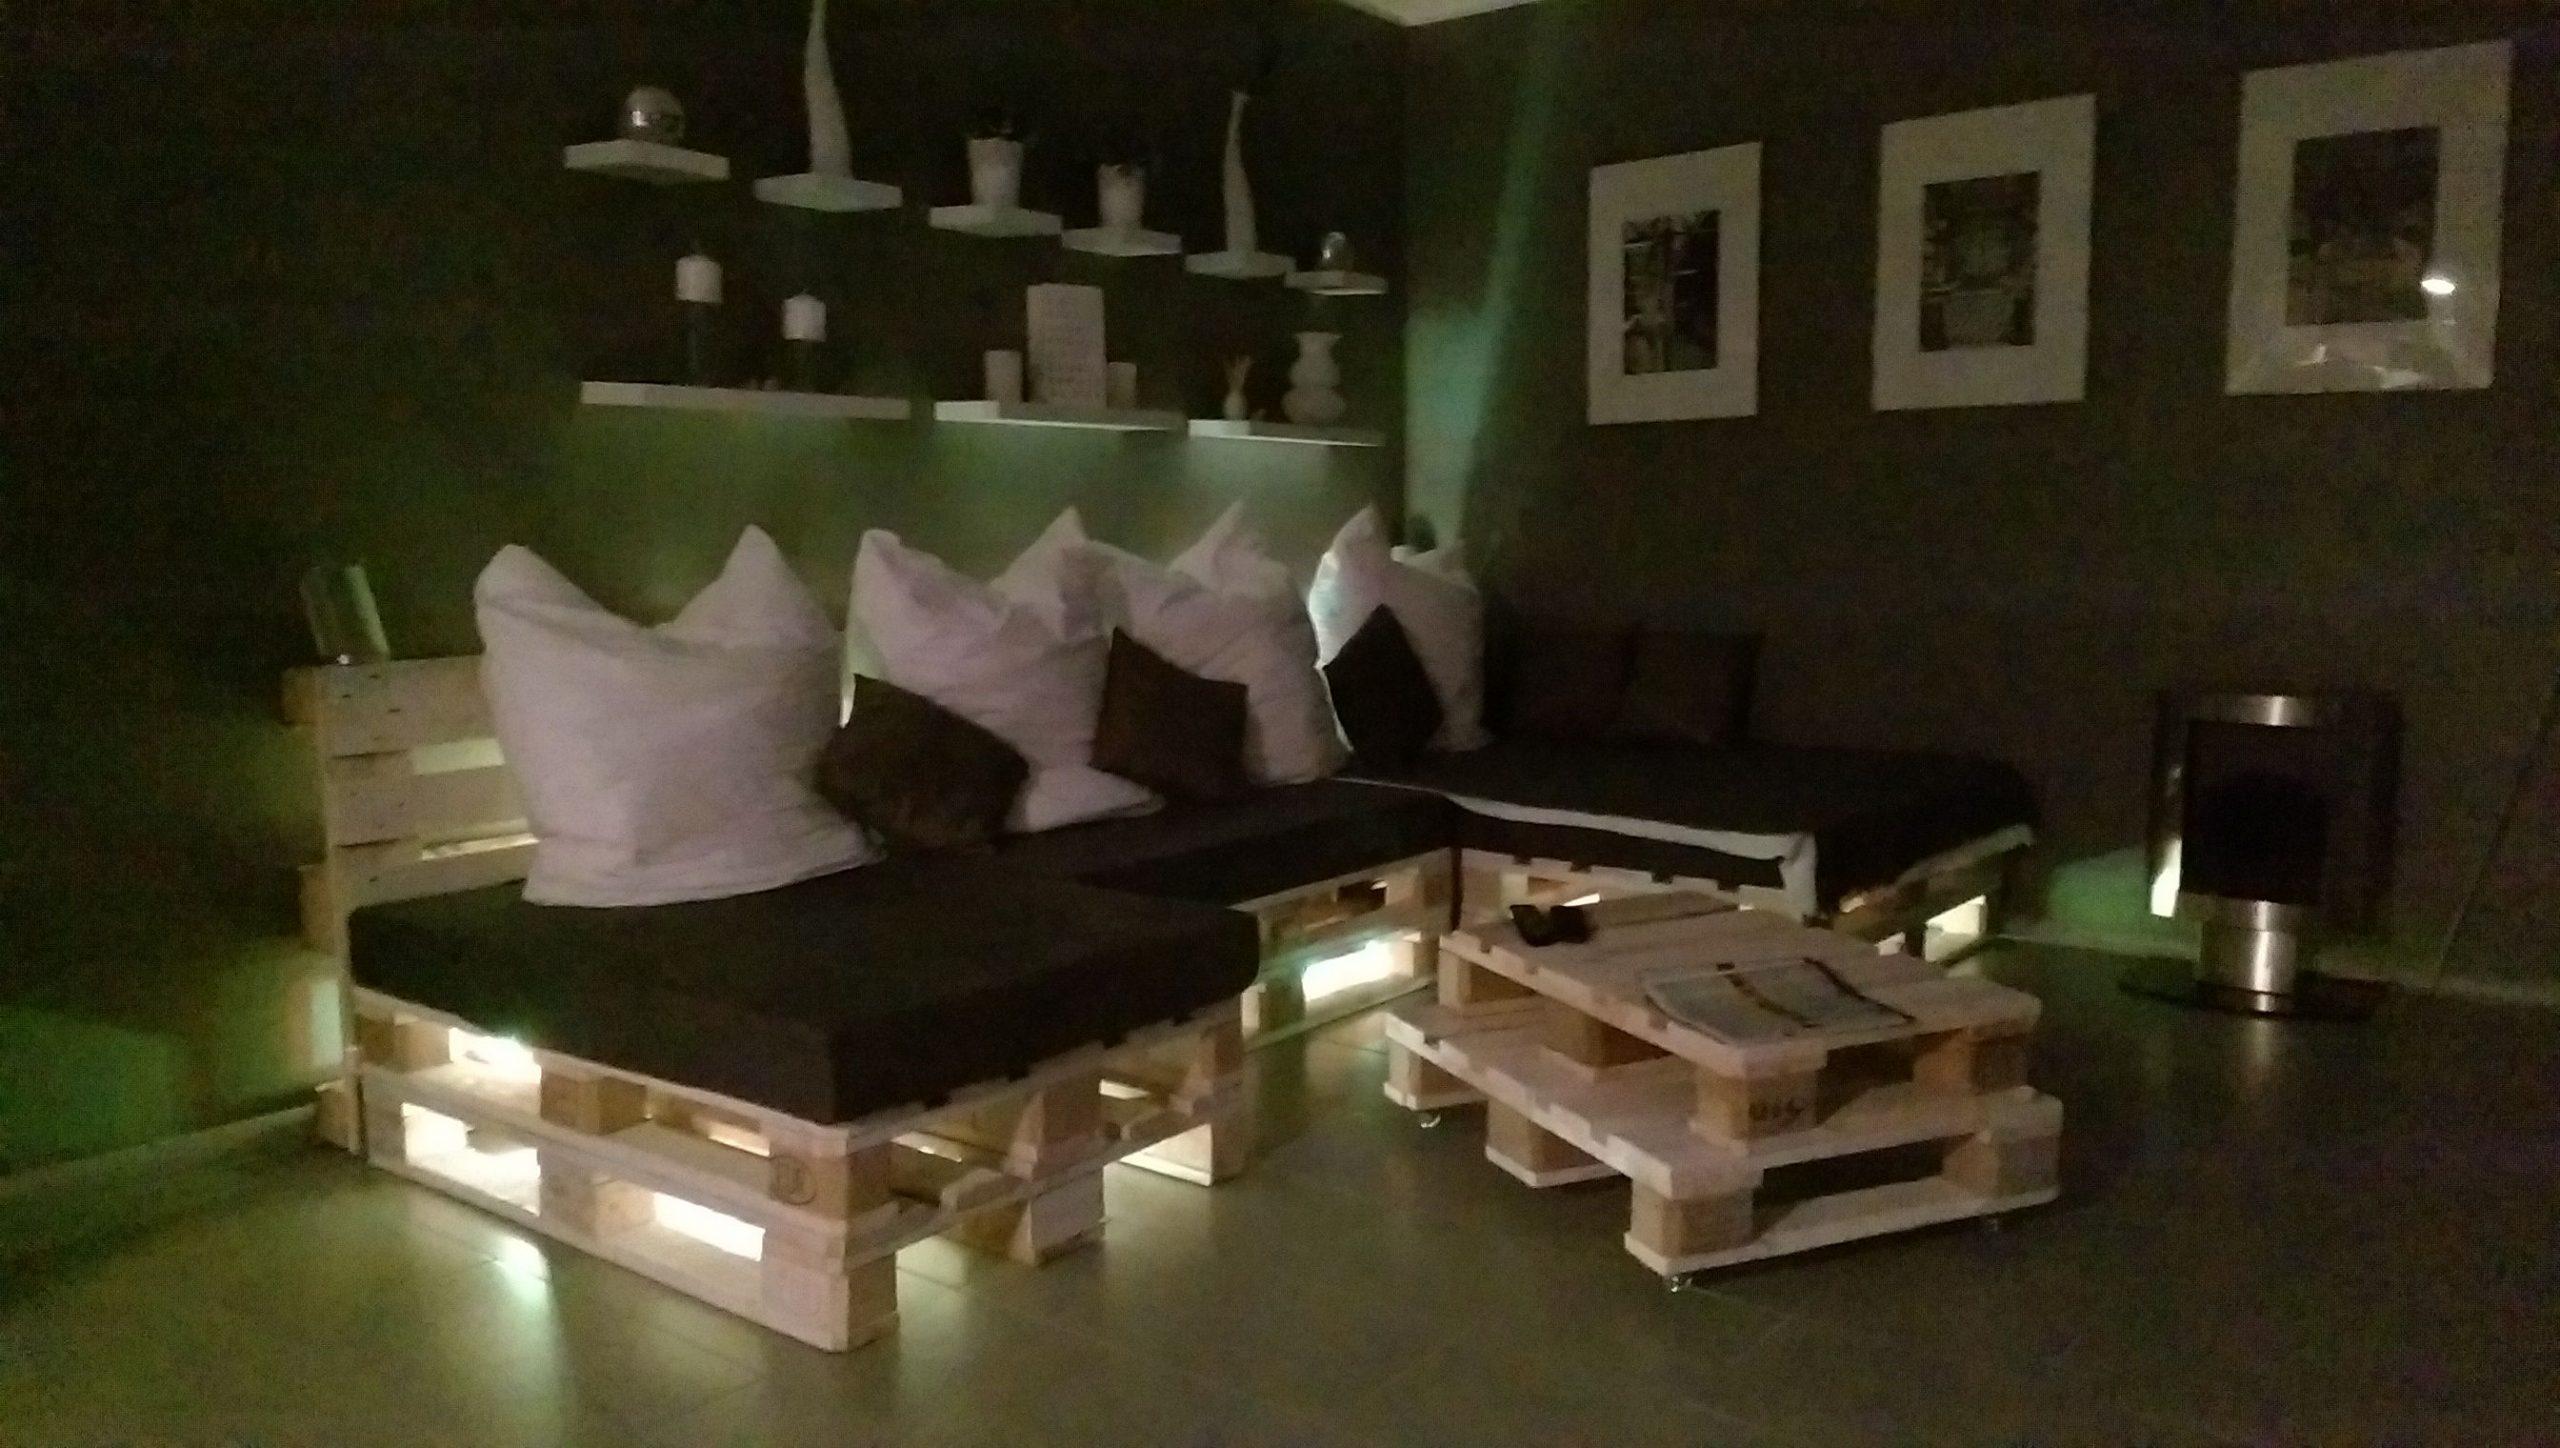 Full Size of Lounge Selber Bauen Paletten Sofa Wirklich So Einfach Regale Bodengleiche Dusche Nachträglich Einbauen Bett Zusammenstellen Sessel Garten Küche Planen Wohnzimmer Lounge Selber Bauen